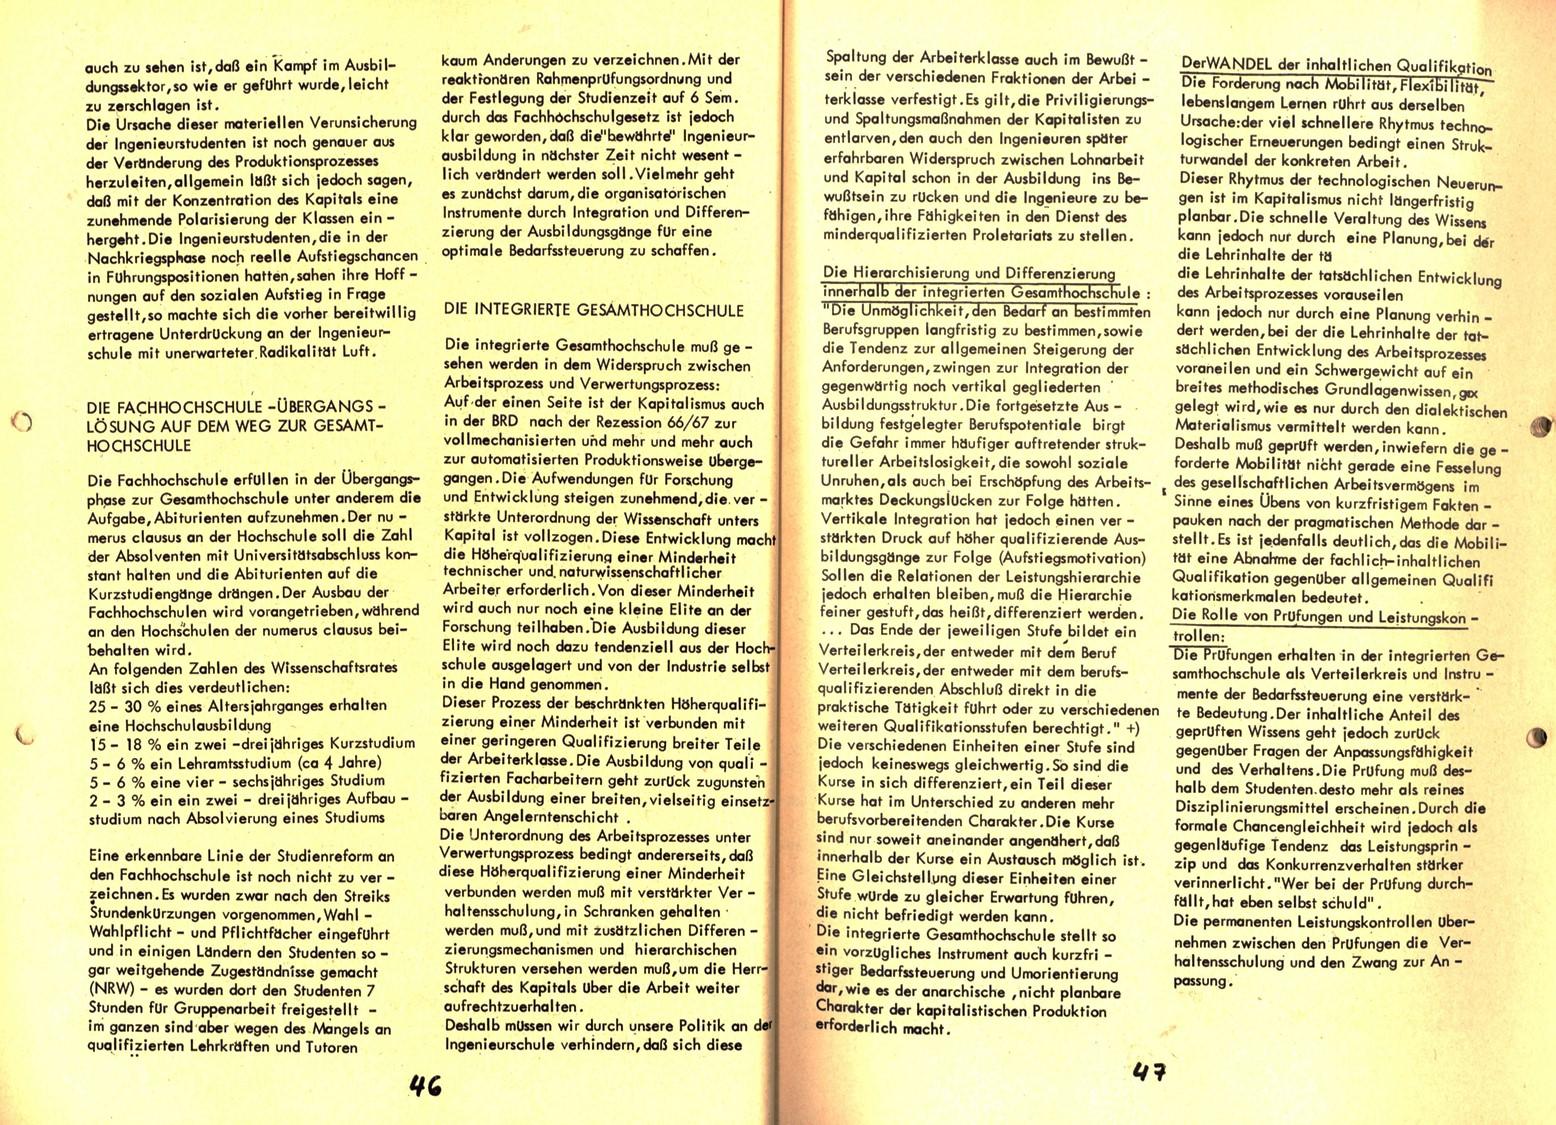 Berlin_Rotzing_1971_Kampfbericht_24